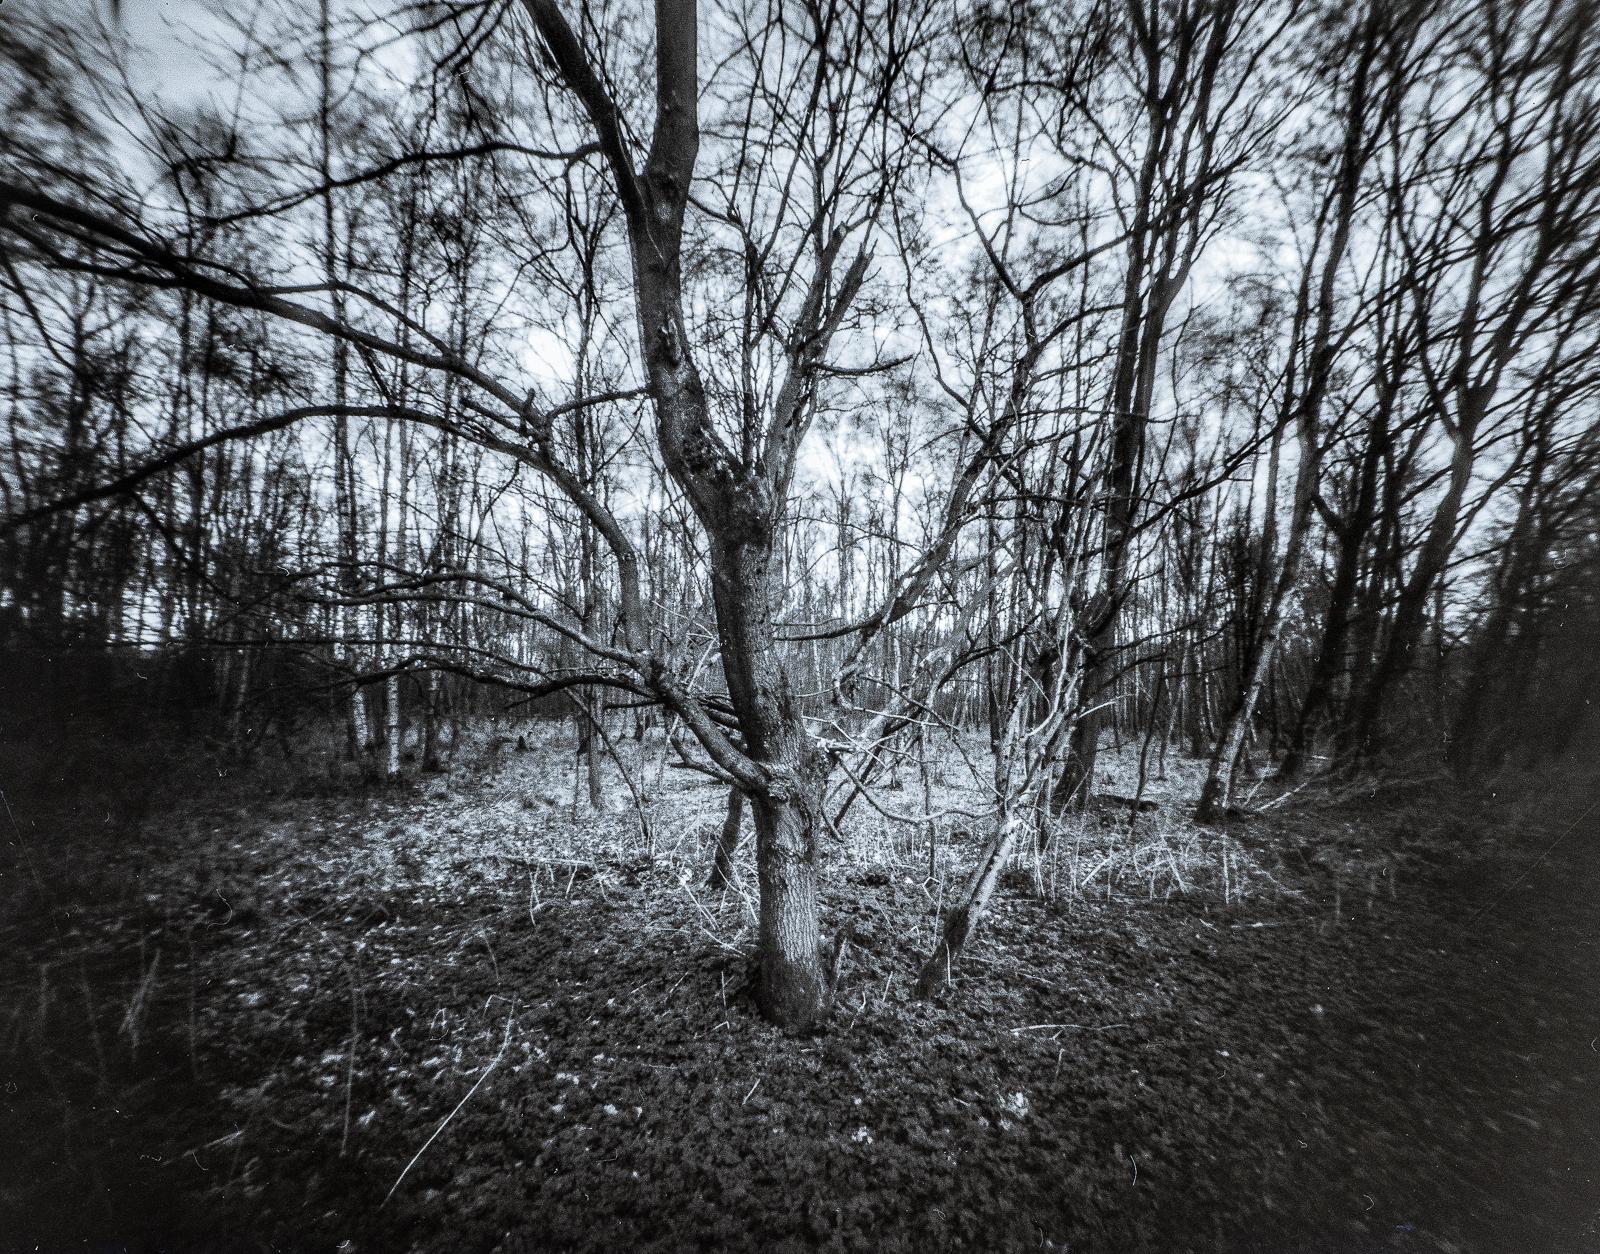 Lochkamera-Aufnahme diverser Bäume